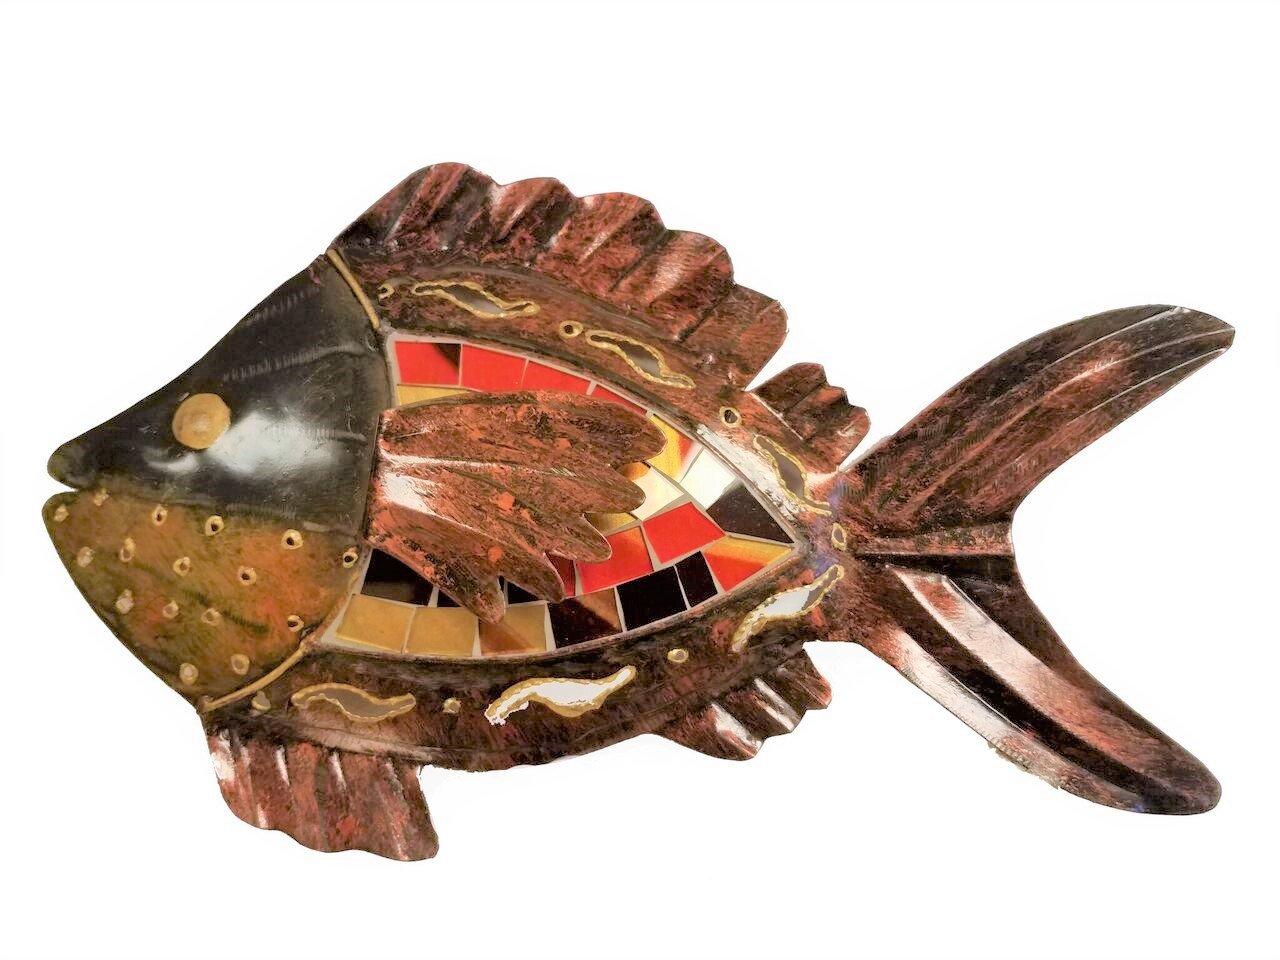 hand-chiseled銅スタイルメタルアート壁装飾魚with Unique鮮やかなレッド/ゴールドモザイクガラスポインティング左 B079XVRTYQ